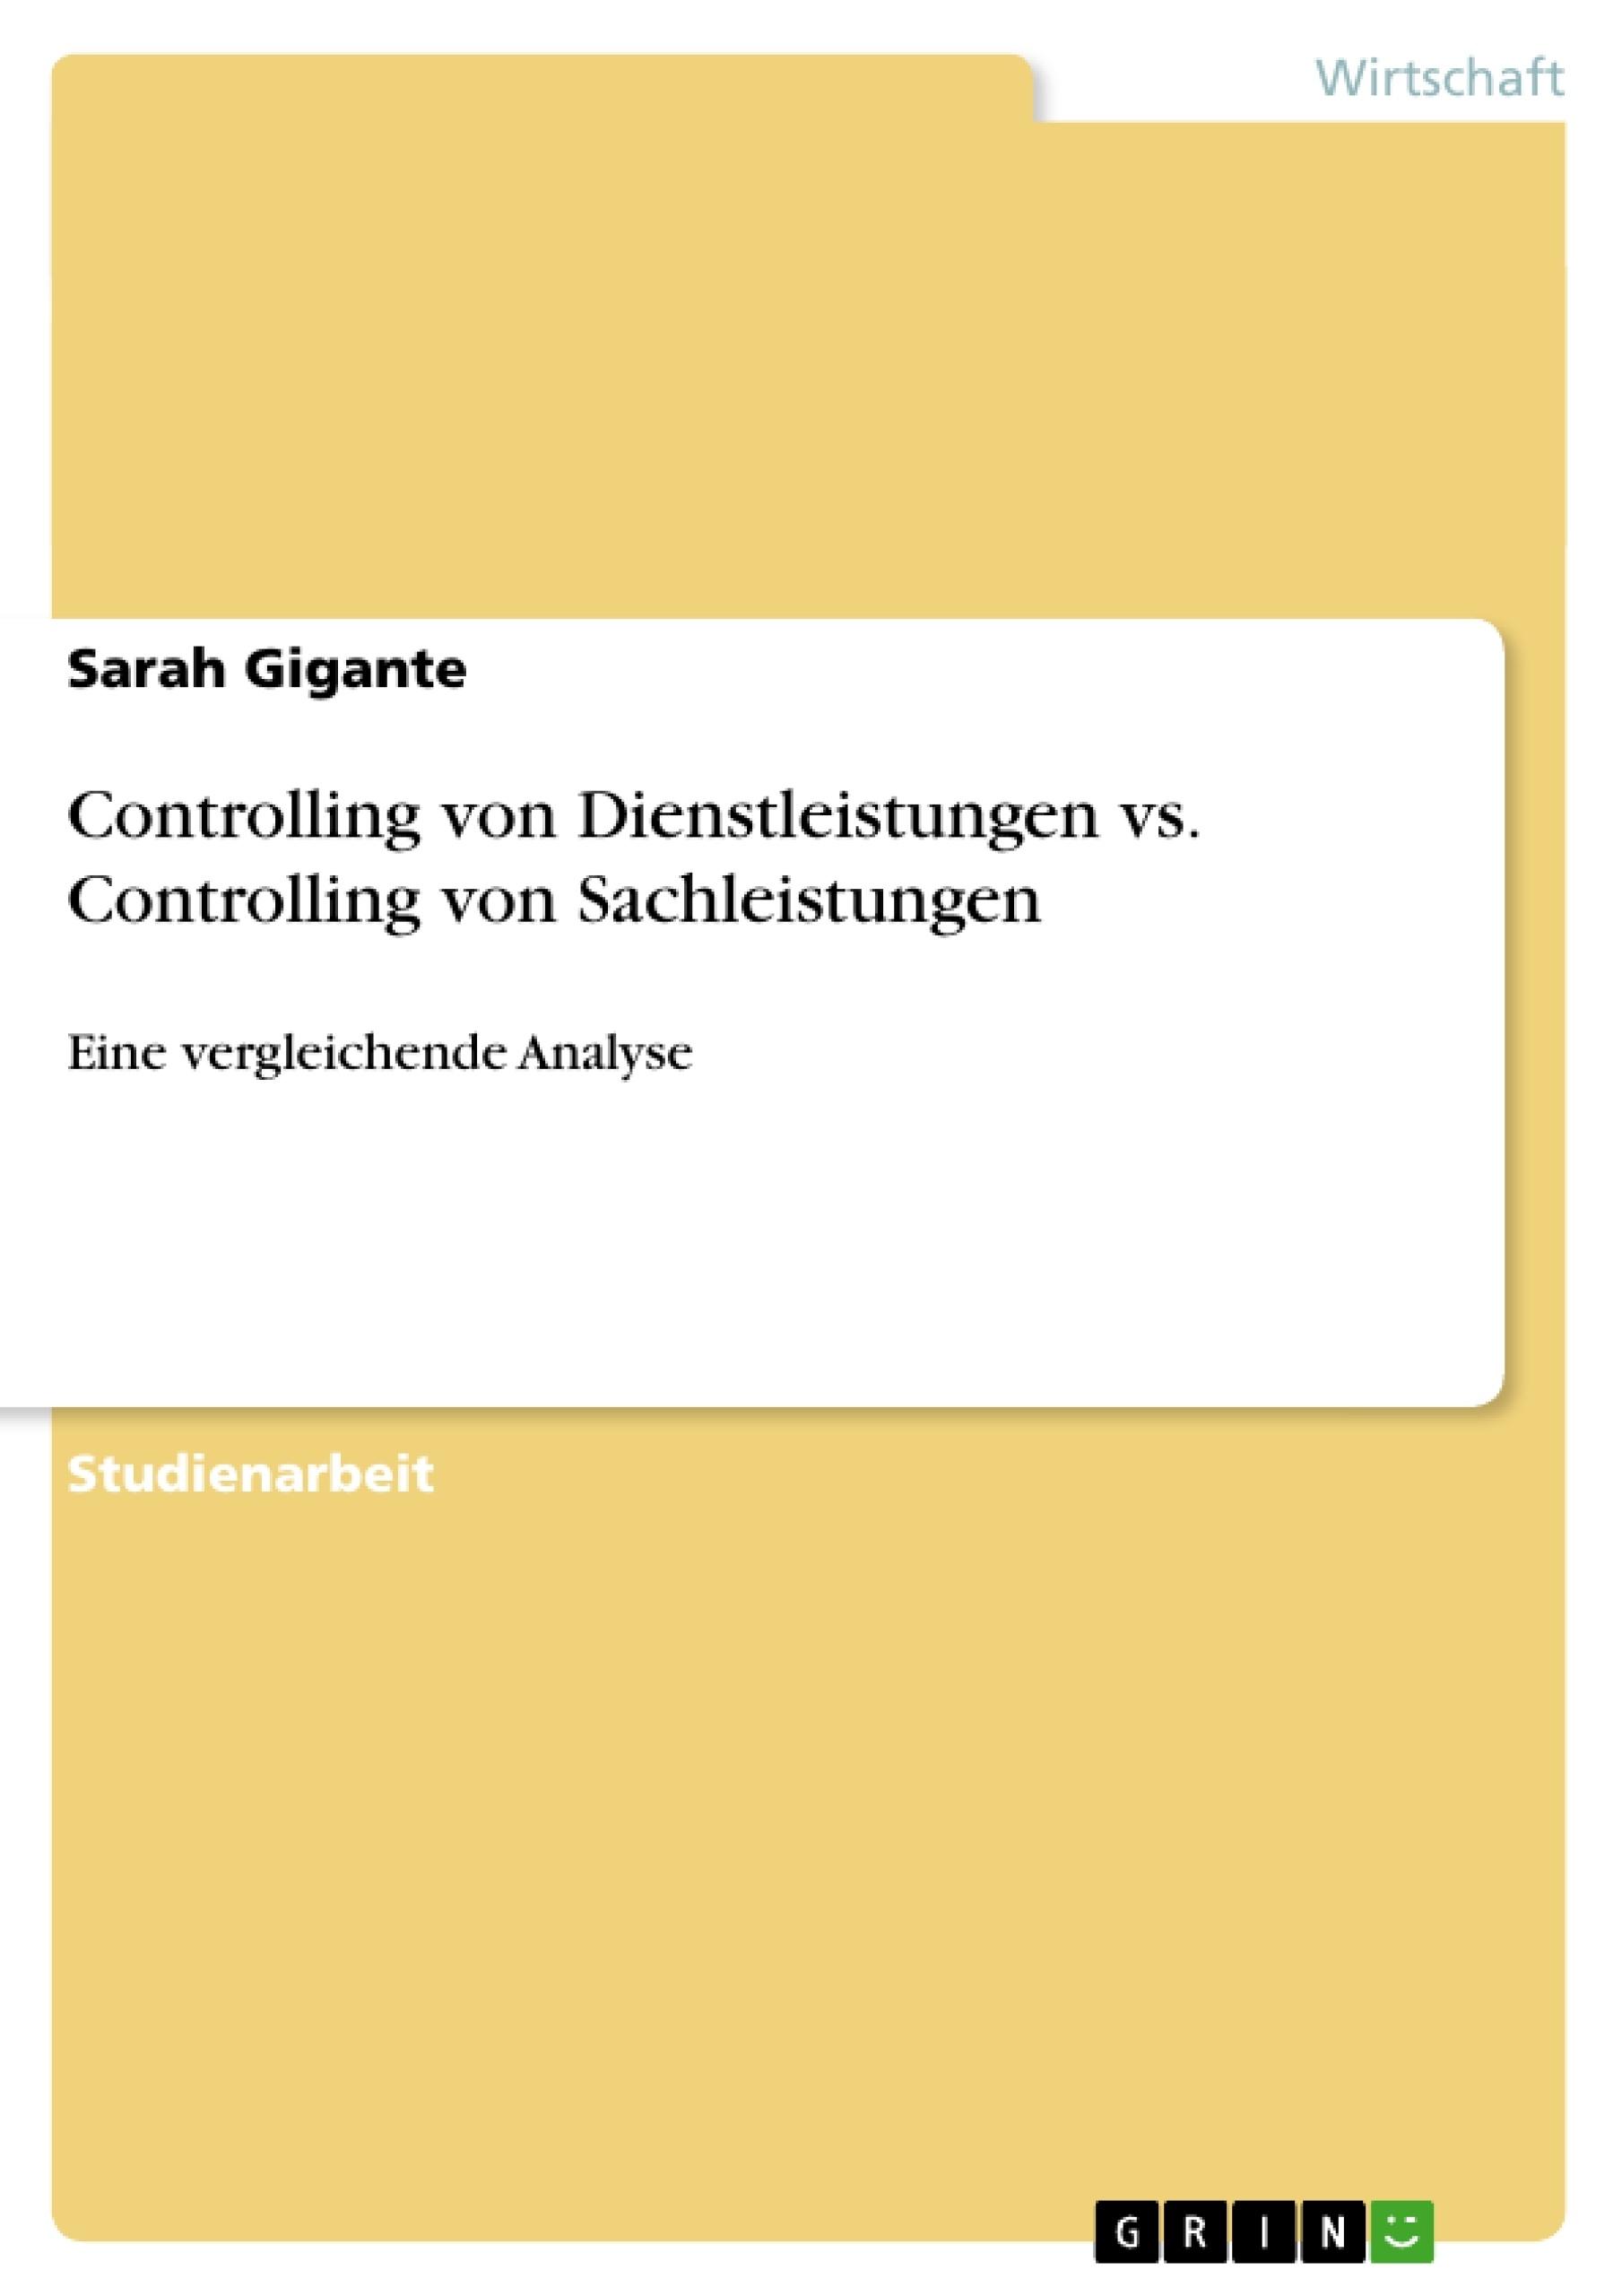 Titel: Controlling von Dienstleistungen vs. Controlling von Sachleistungen